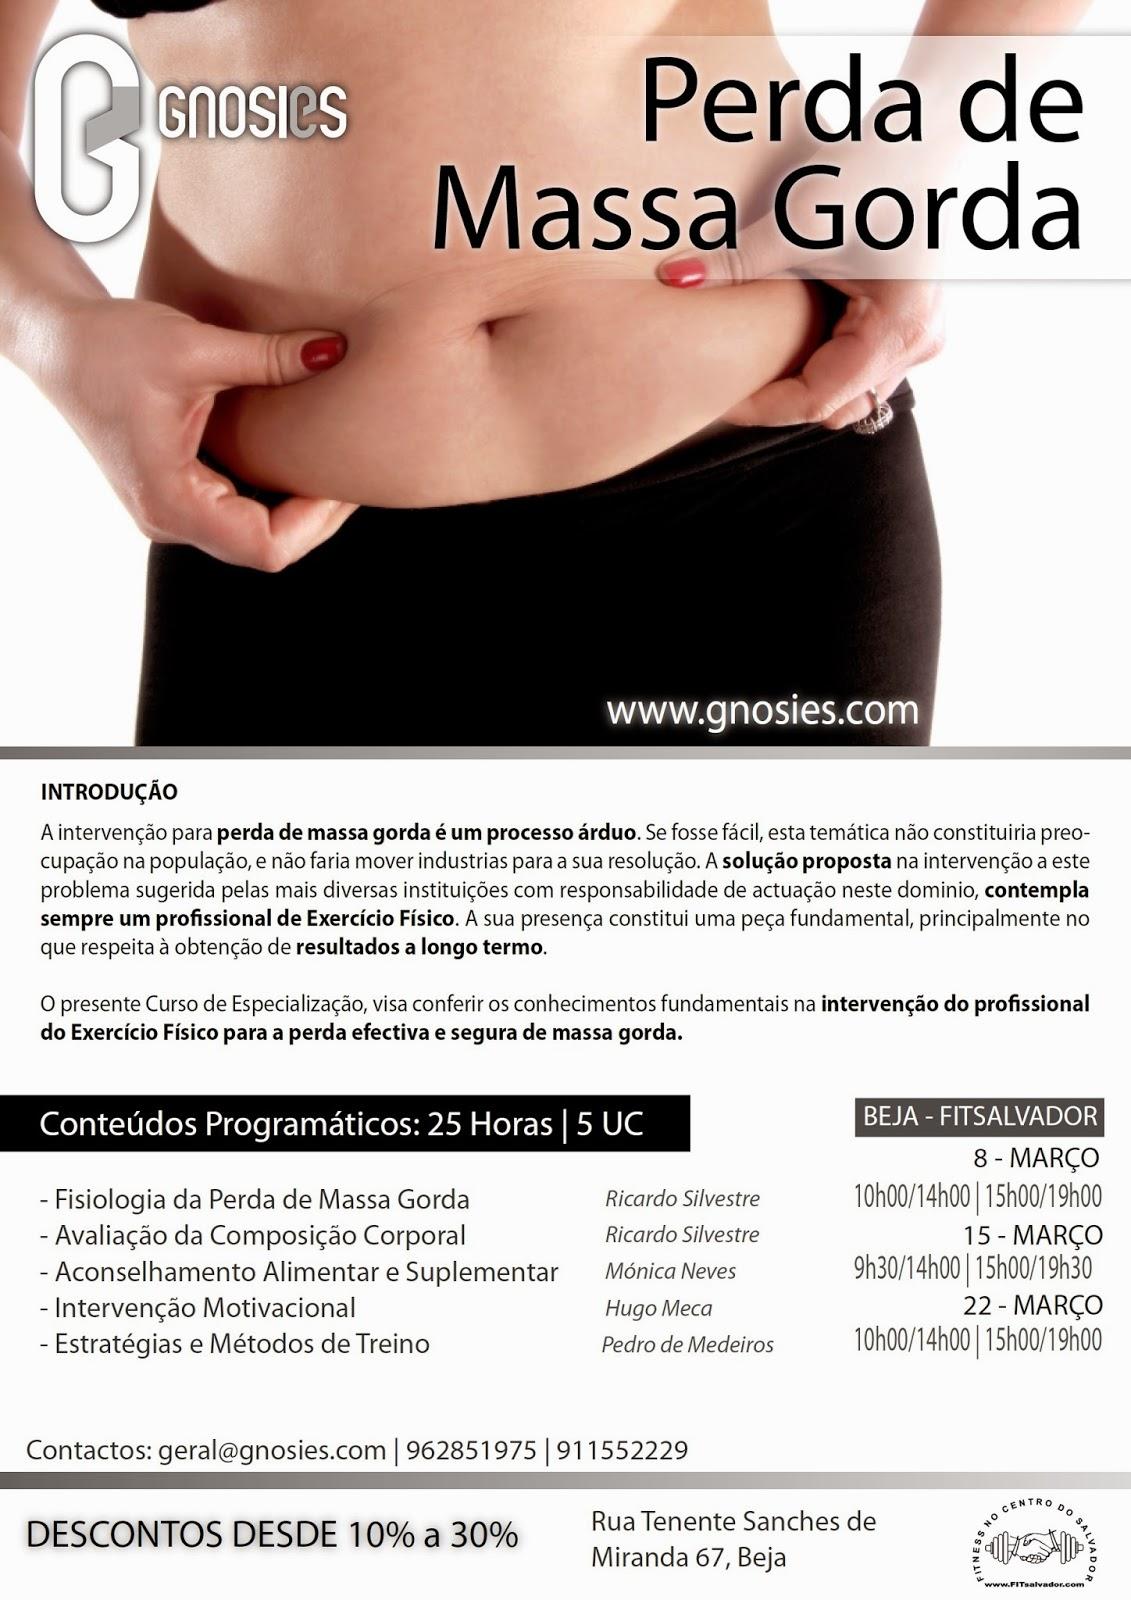 http://www.gnosies.com/pt/formacao/2247/curso-de-especializacao-em-perda-de-massa-gorda/